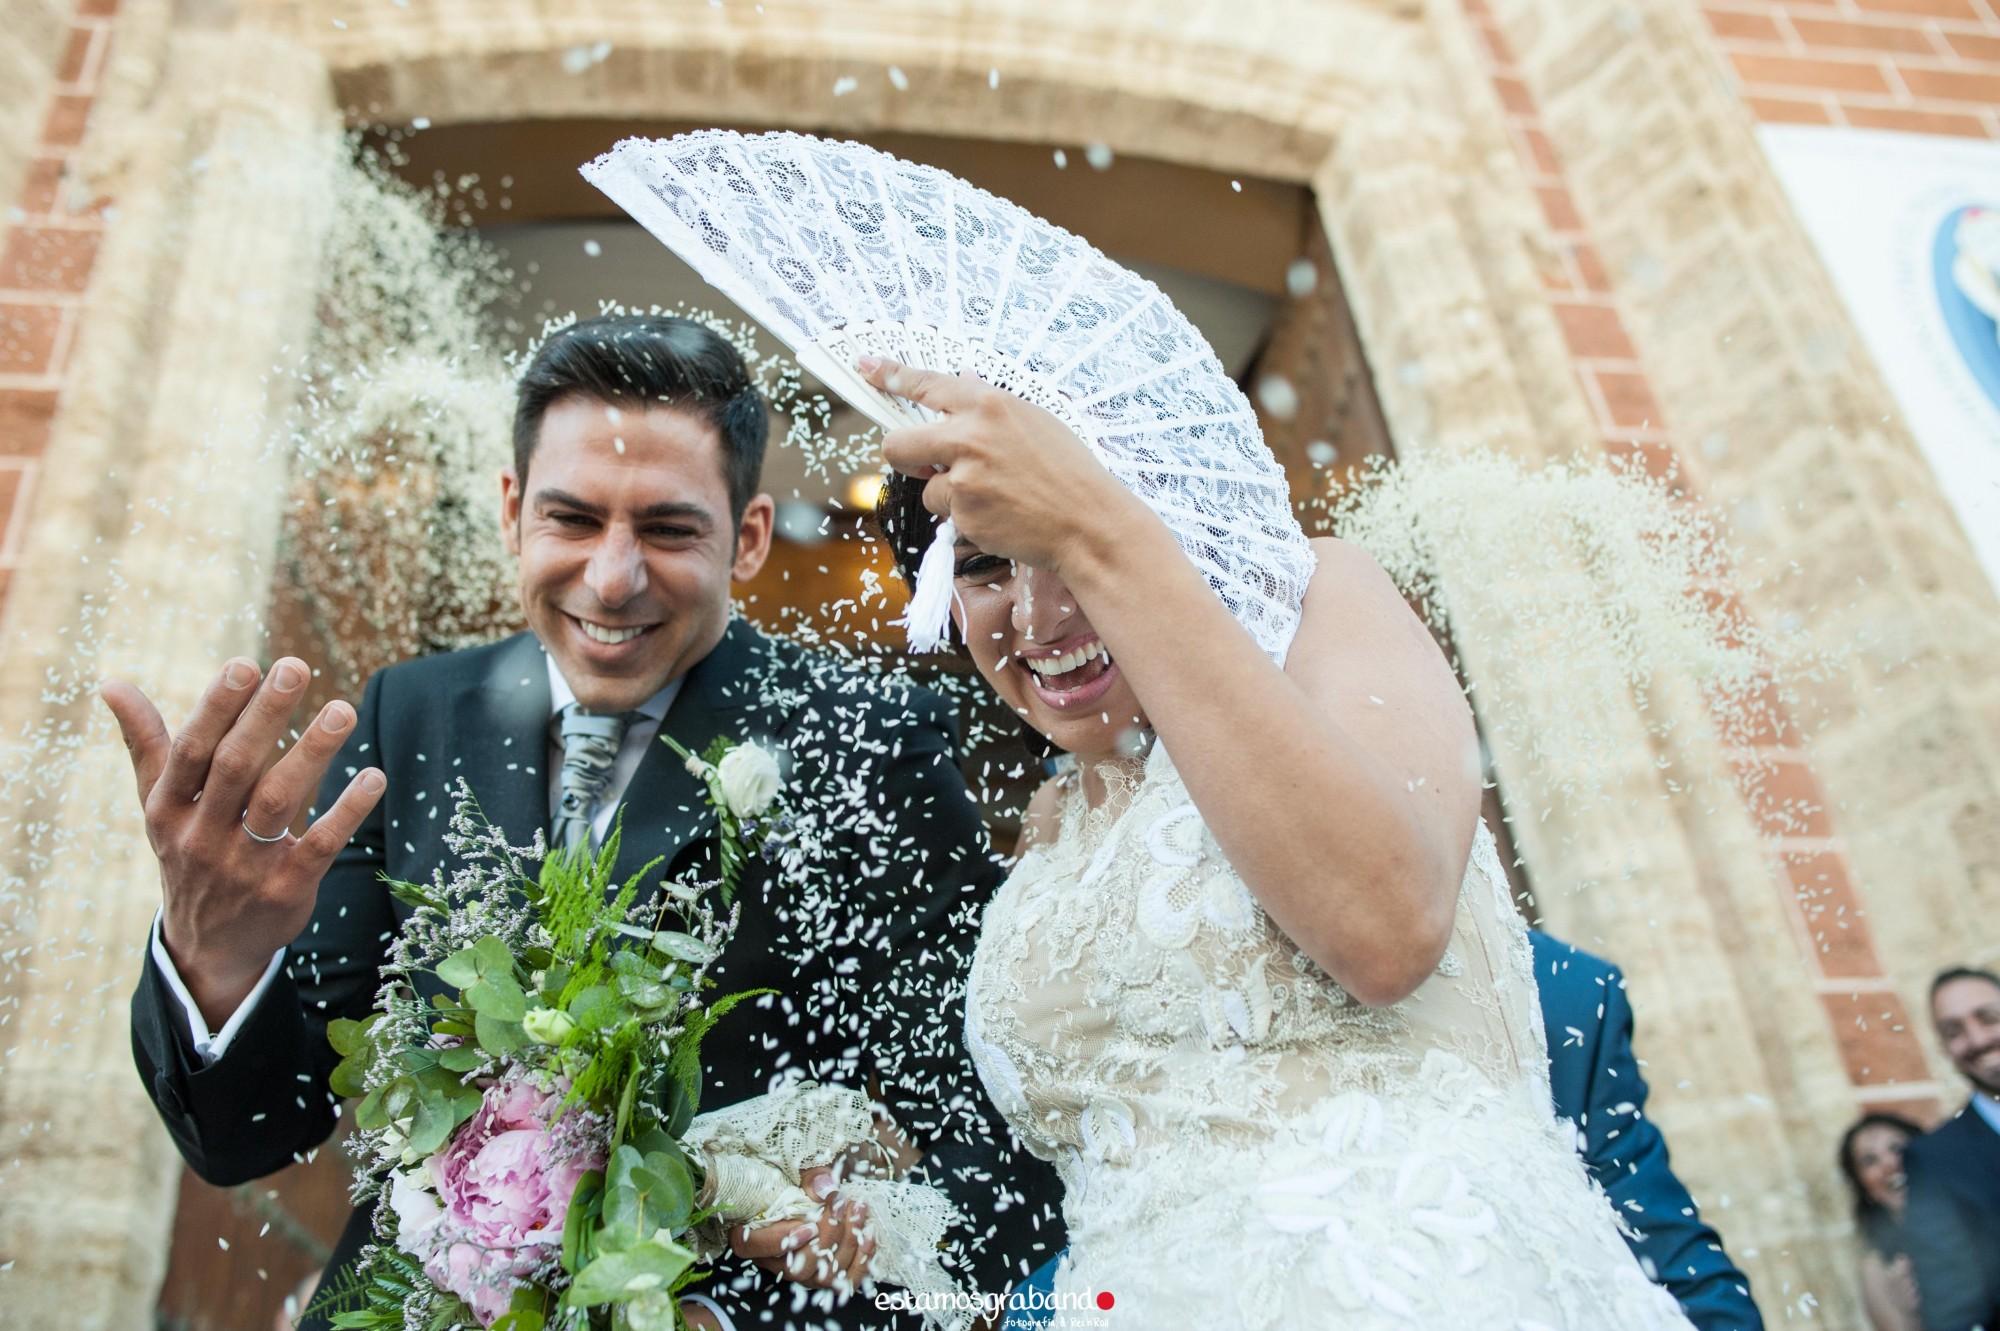 Sonia-y-Dani-294-de-517 Sonia & Dani - video boda cadiz